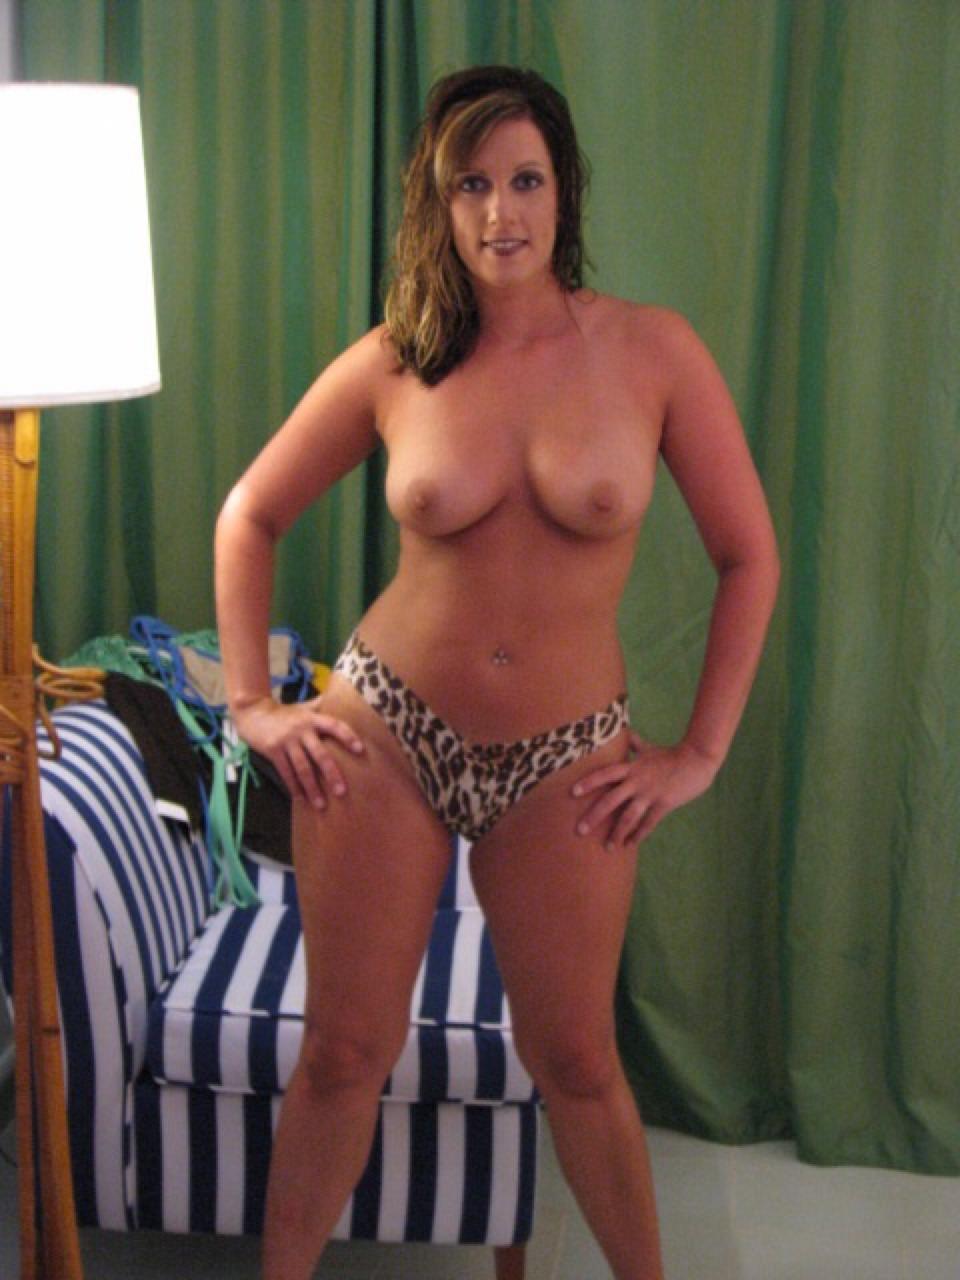 Free videos pornhup.com  sexy pornhub video